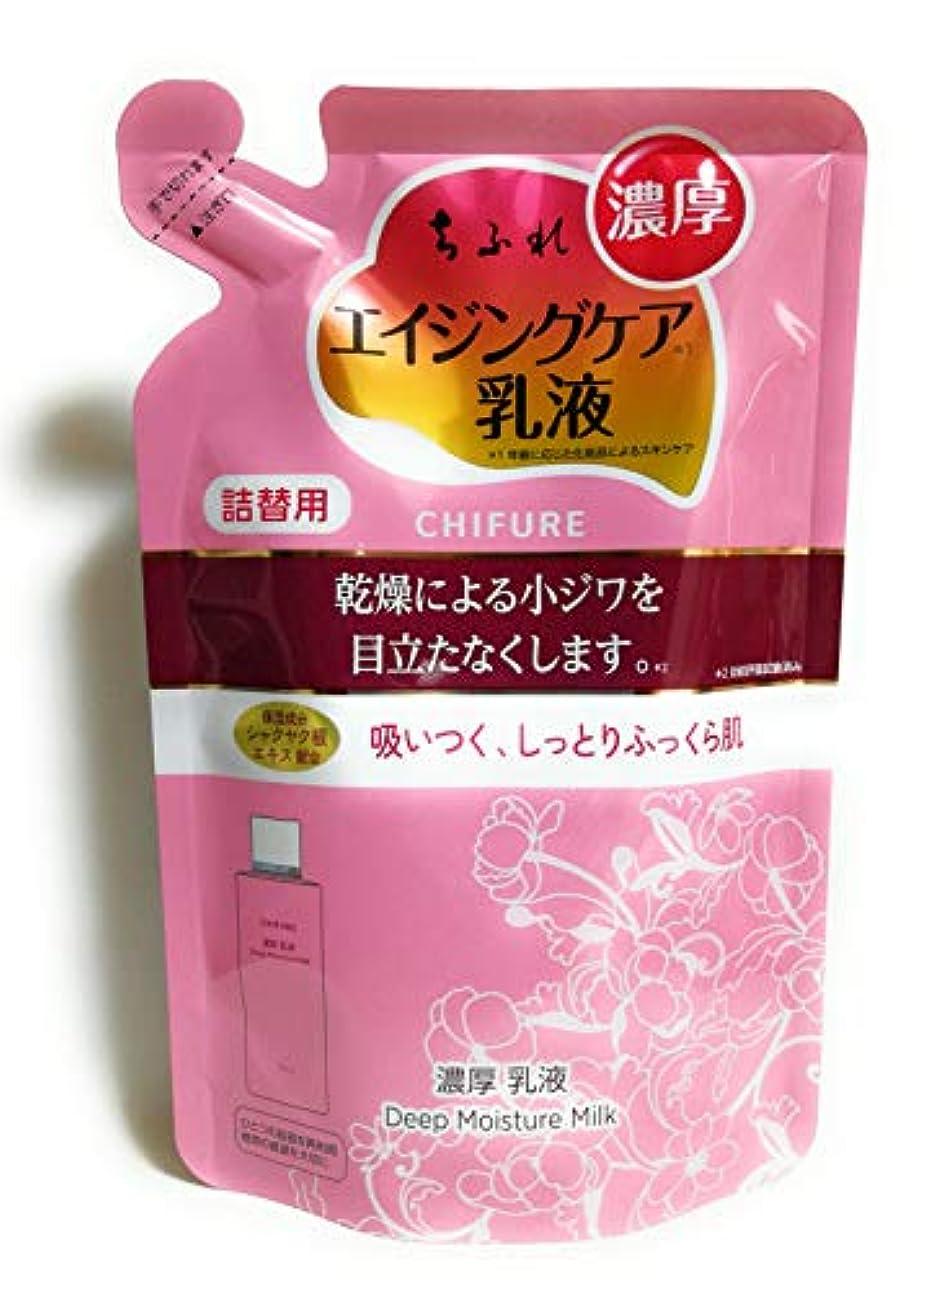 エネルギーくすぐったい謝罪するちふれ化粧品 濃厚乳液 替 150ml